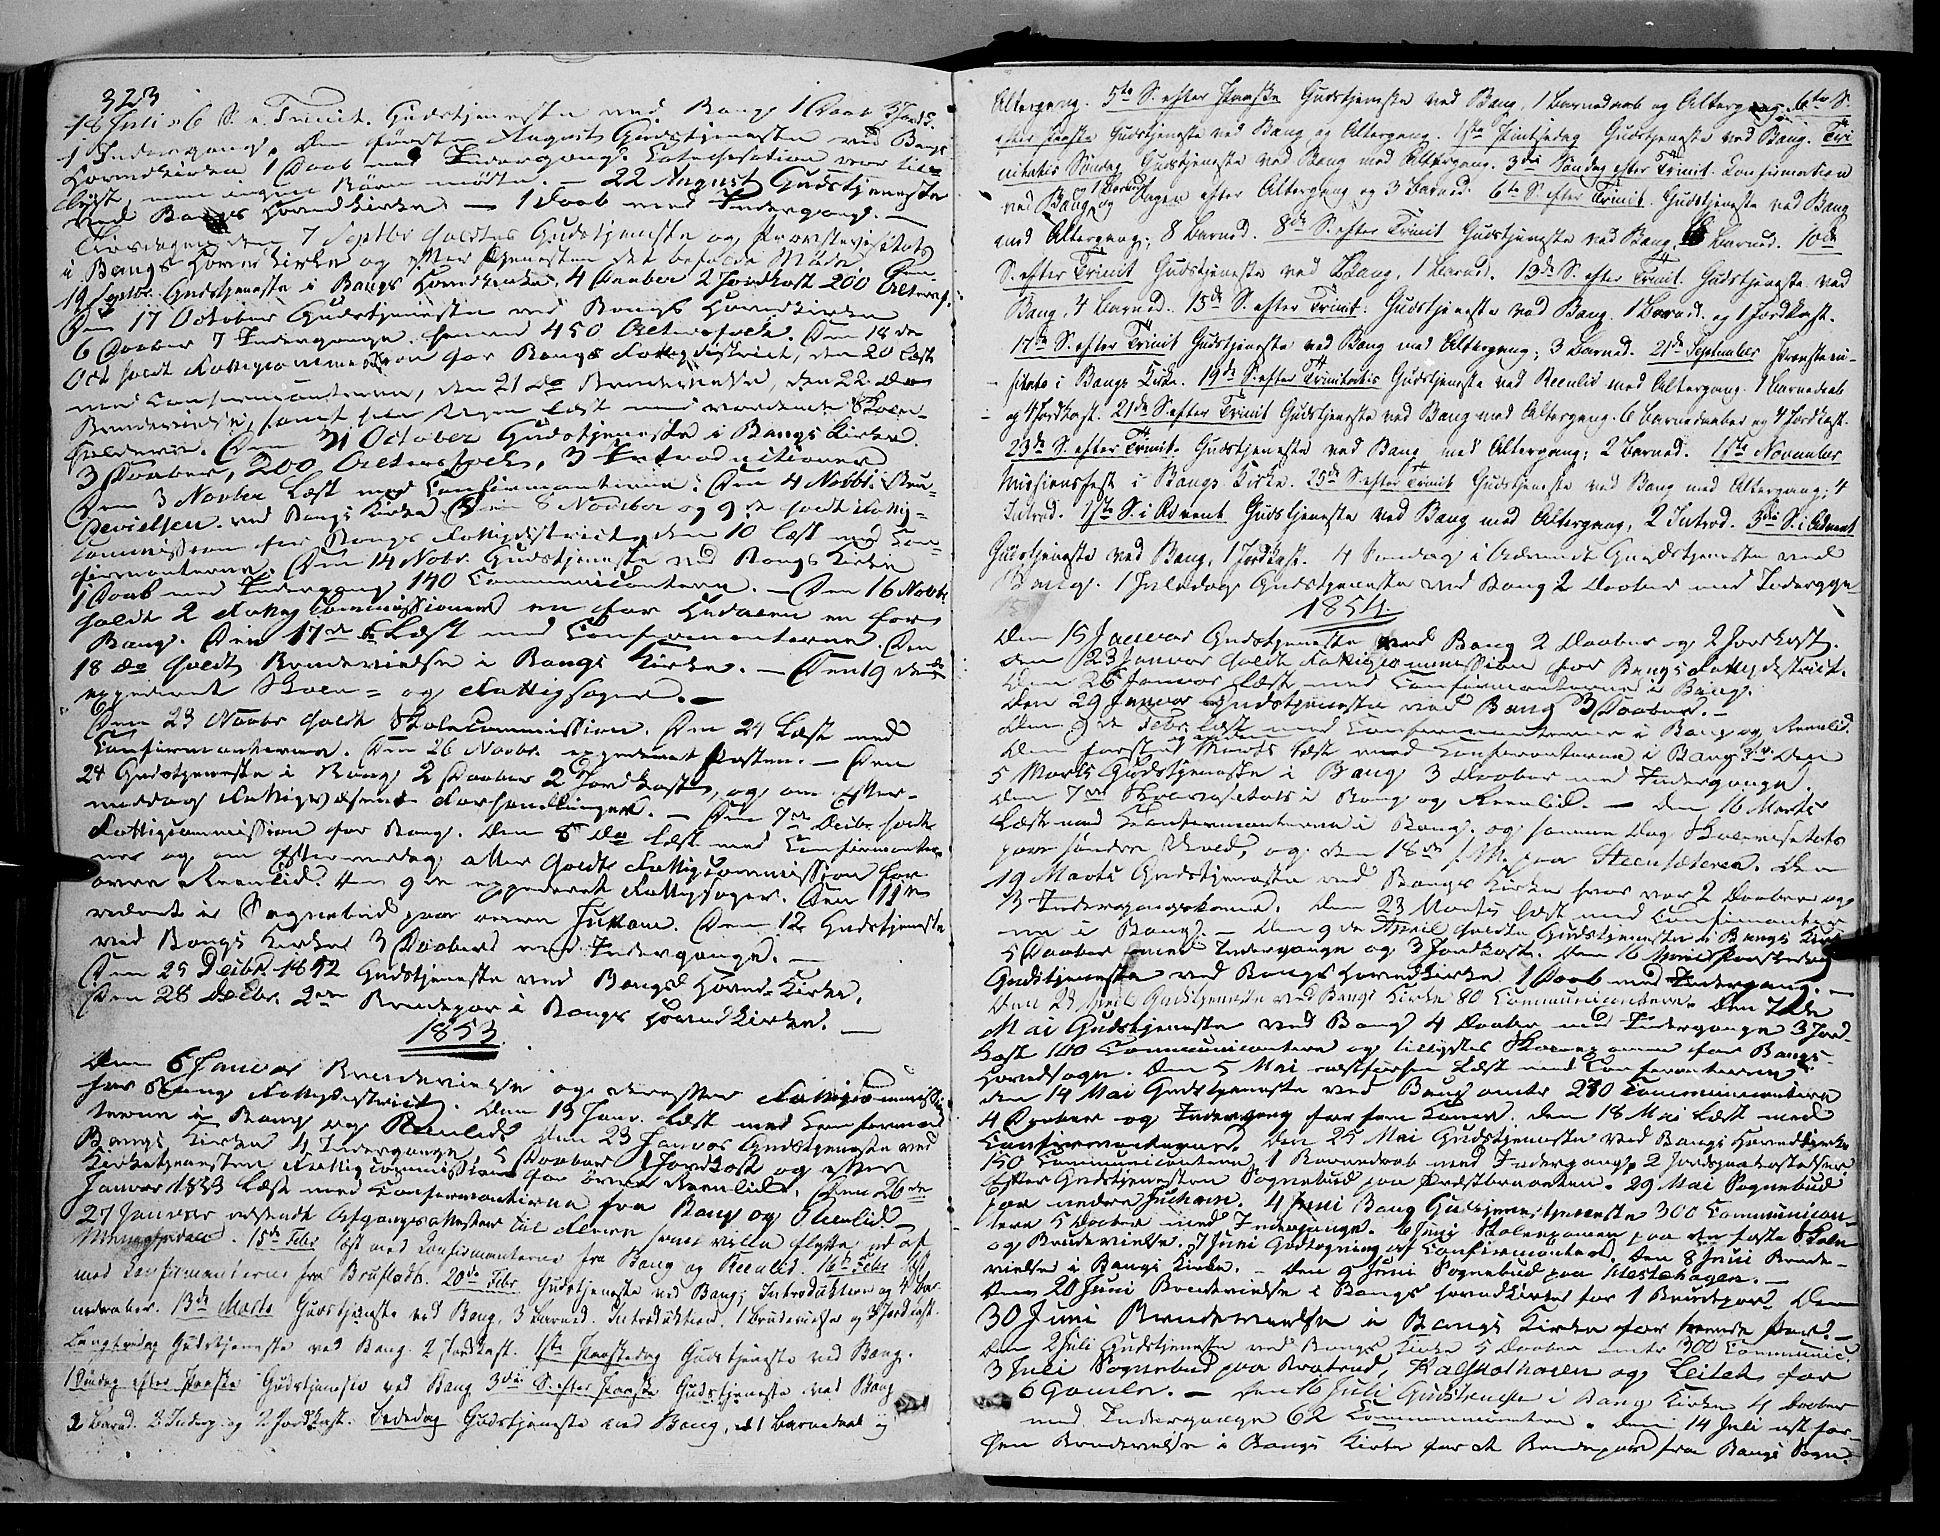 SAH, Sør-Aurdal prestekontor, Ministerialbok nr. 5, 1849-1876, s. 323